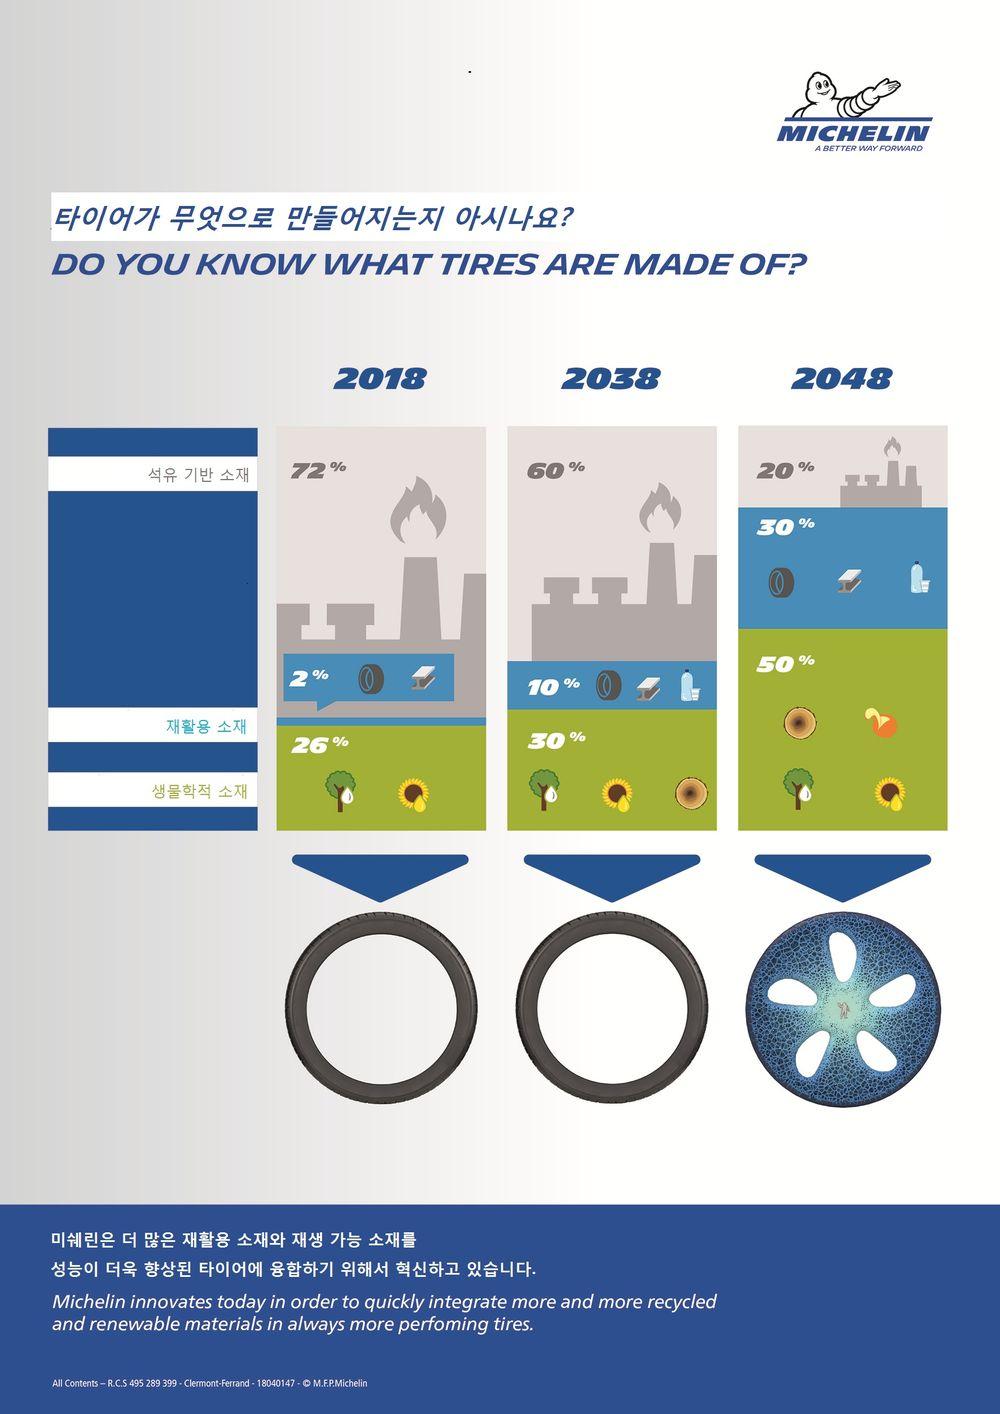 """미쉐린, """"2048년 타이어 원료 80% 친환경 소재로"""""""